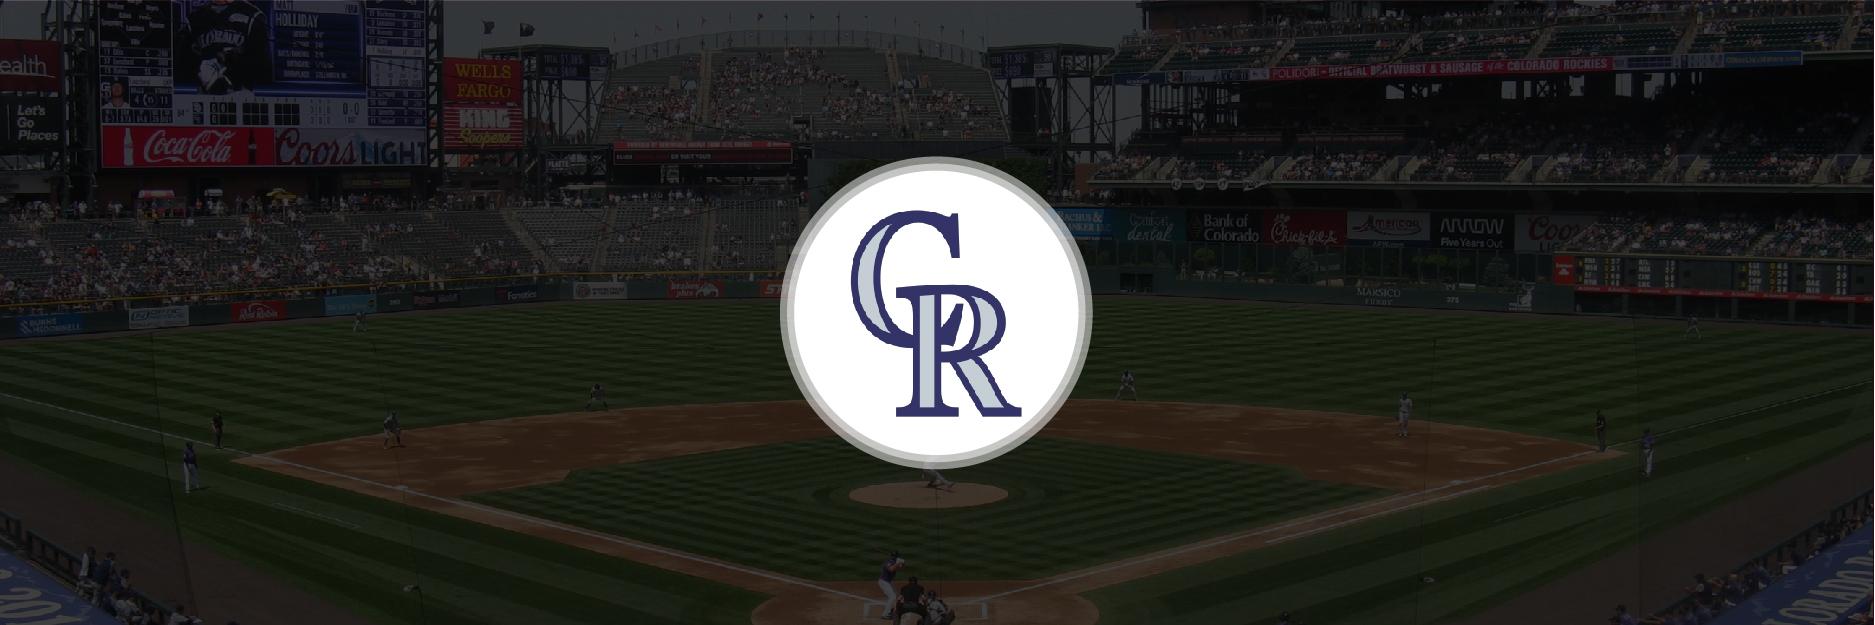 Colorado Rockies 2020 Pre-Season Analysis